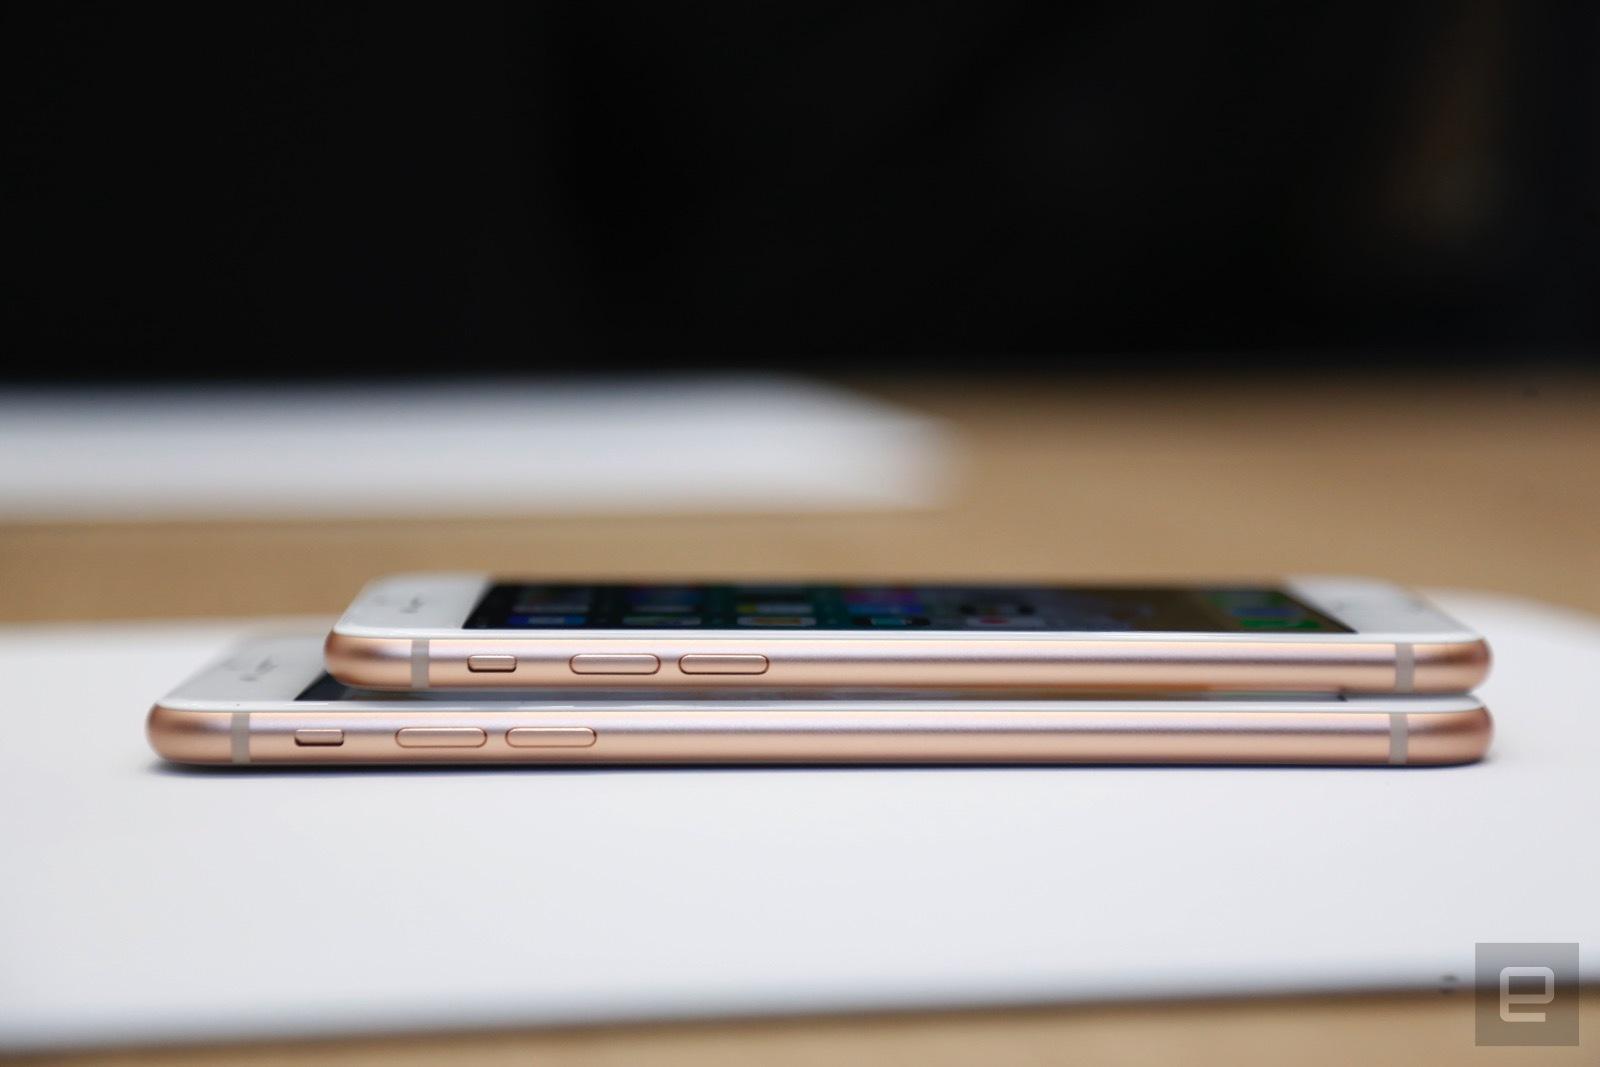 Trên tay iPhone 8 và 8 Plus: Thiết kế cũ nhưng trẻ trung hơn, cấu hình mạnh hơn hình 5